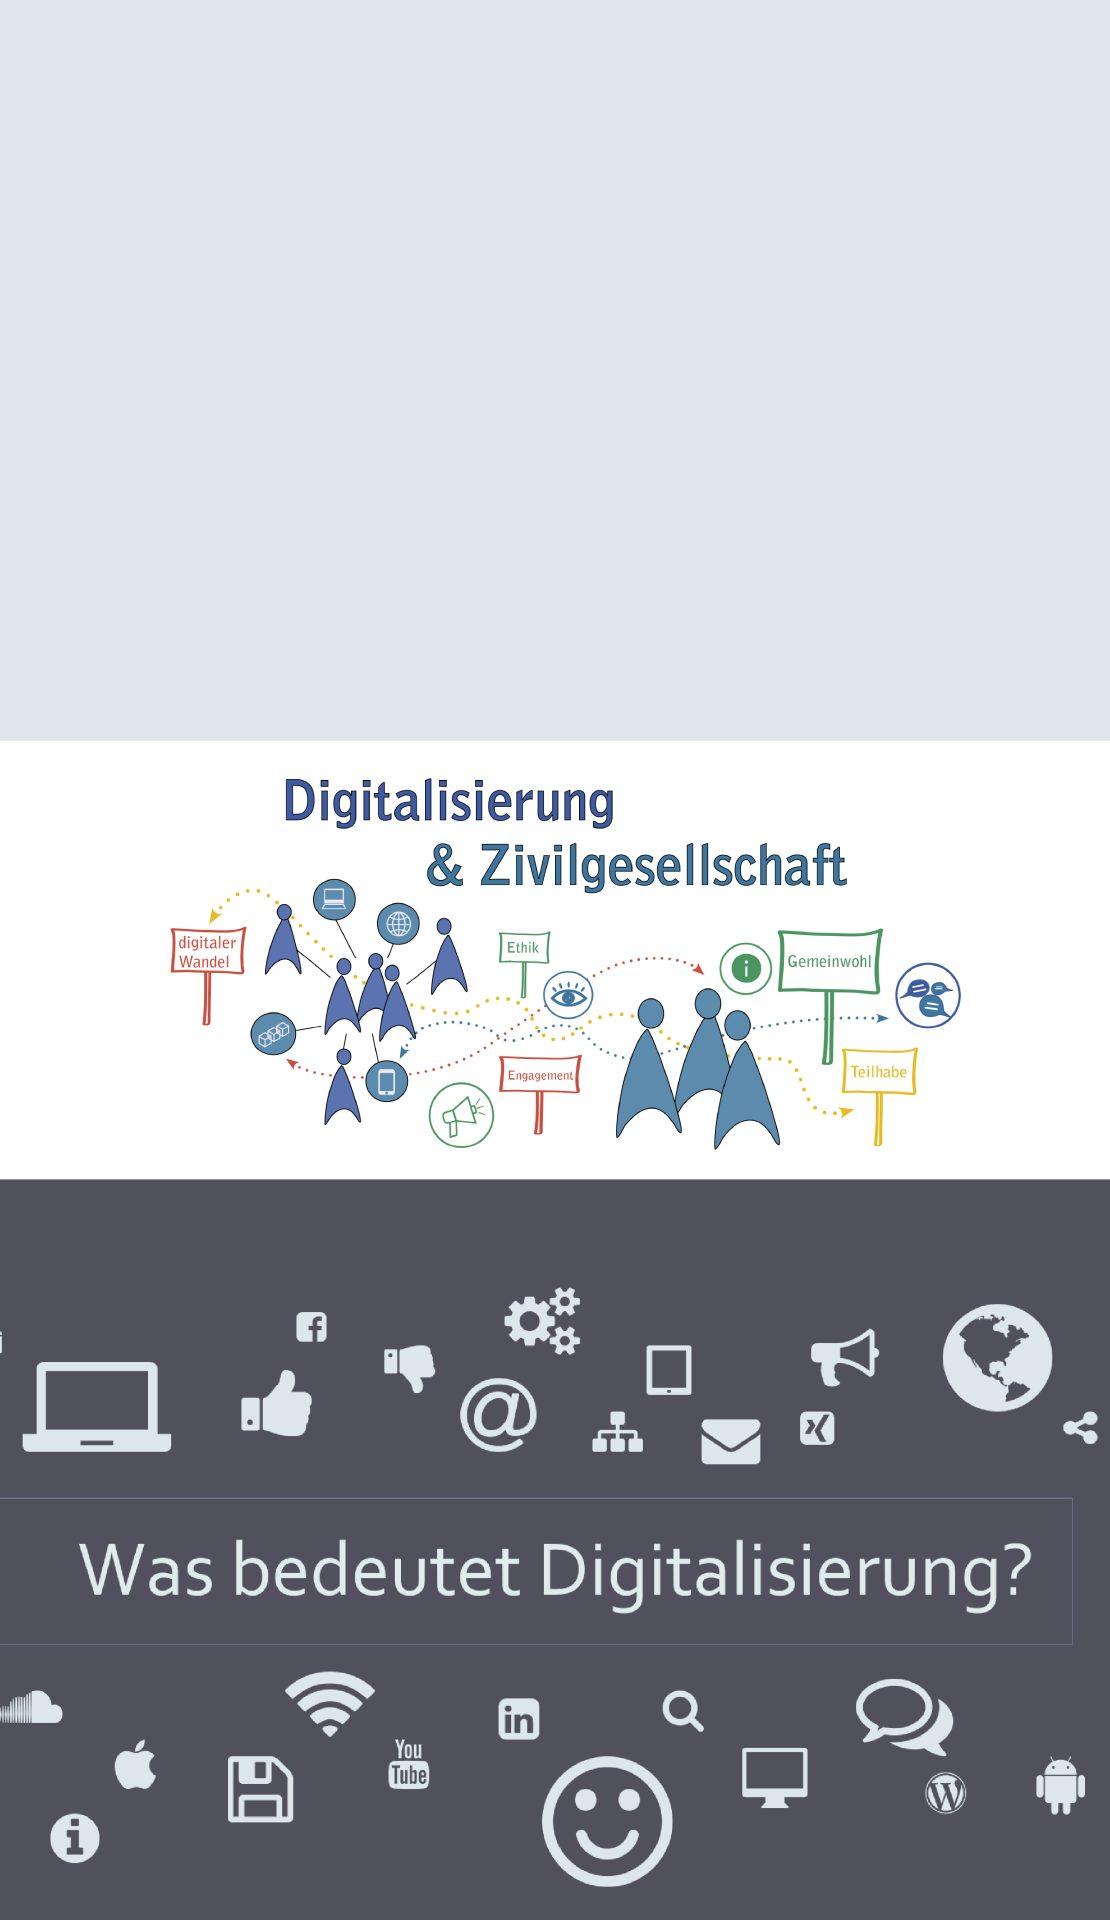 Digitalisierung und Zivilgesellschaft in Leipzig